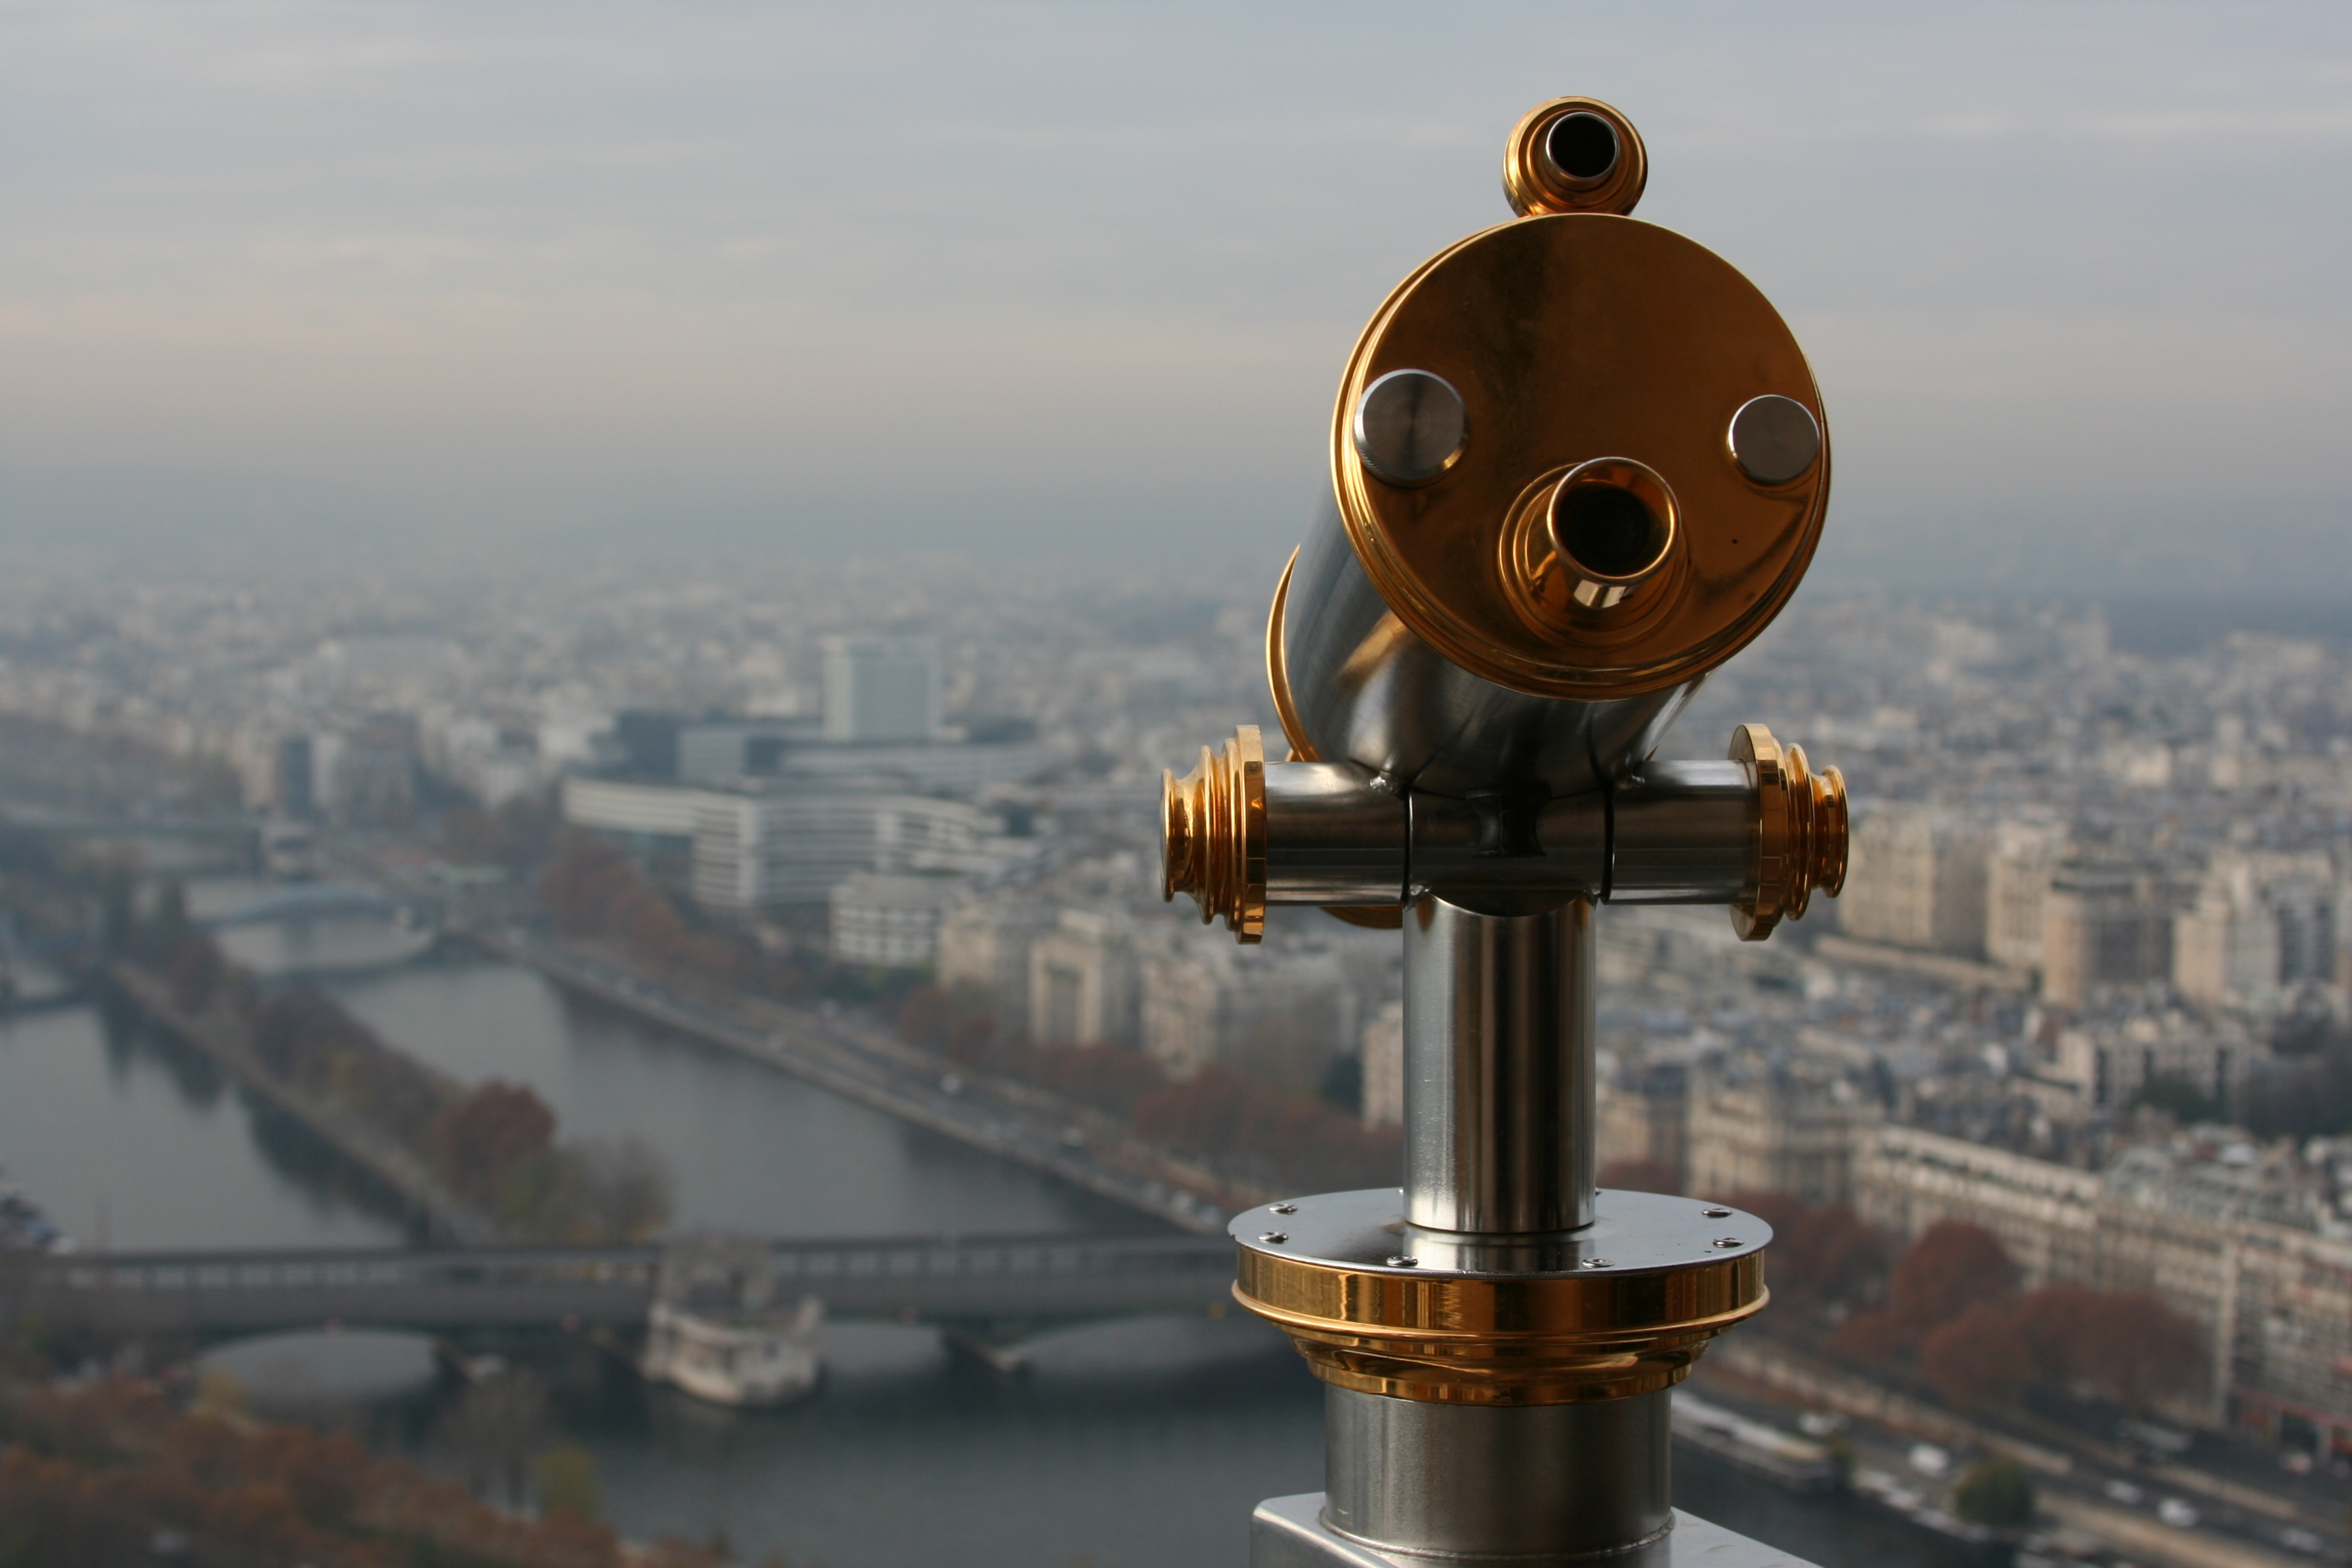 Paris 2011 View of the city